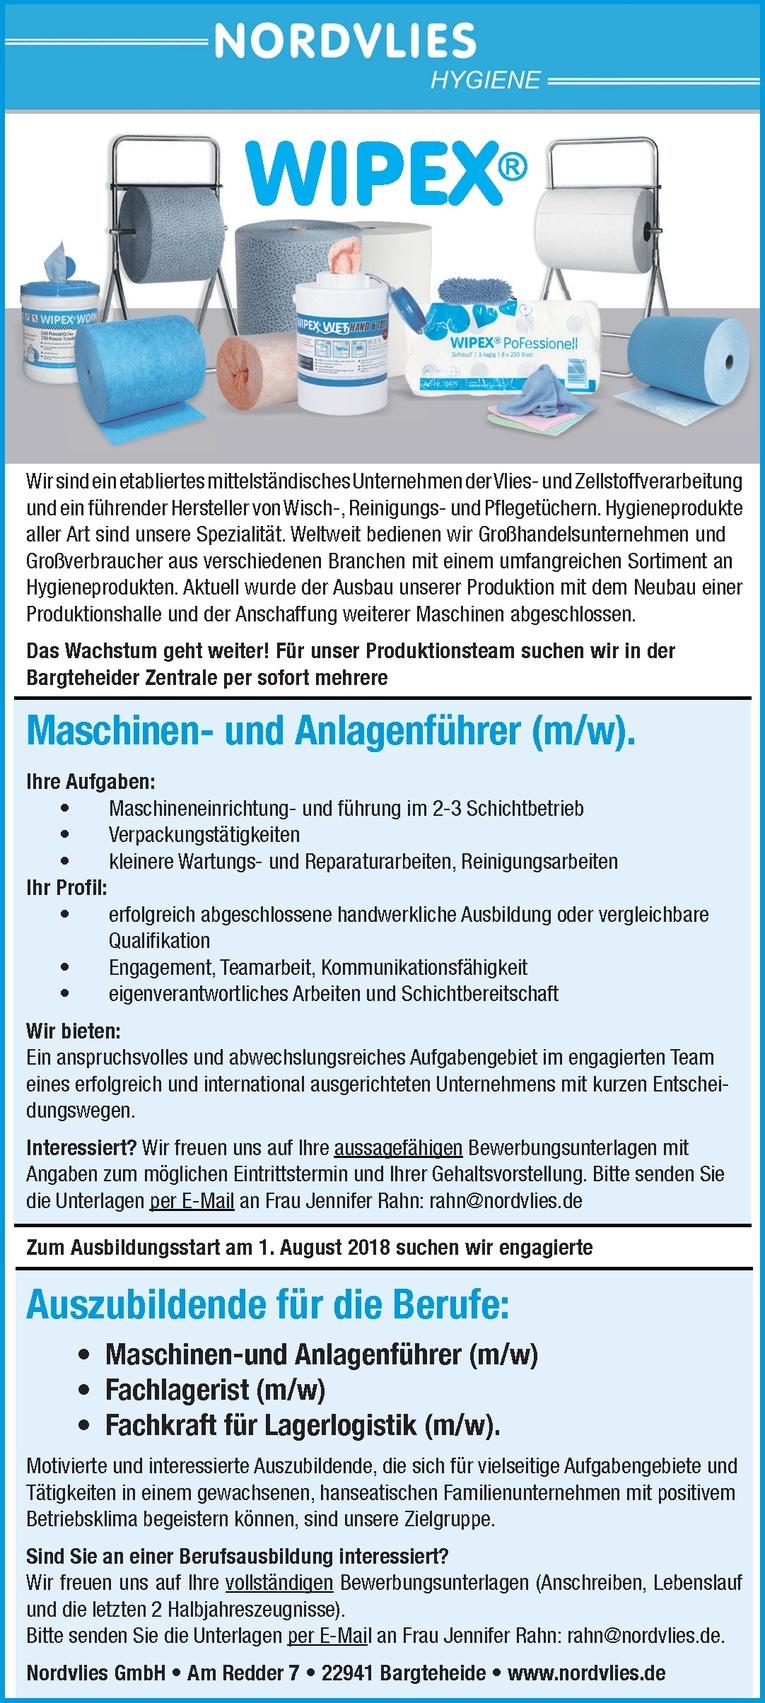 Auszubildende Maschinen- und Anlagenführer (m/w)